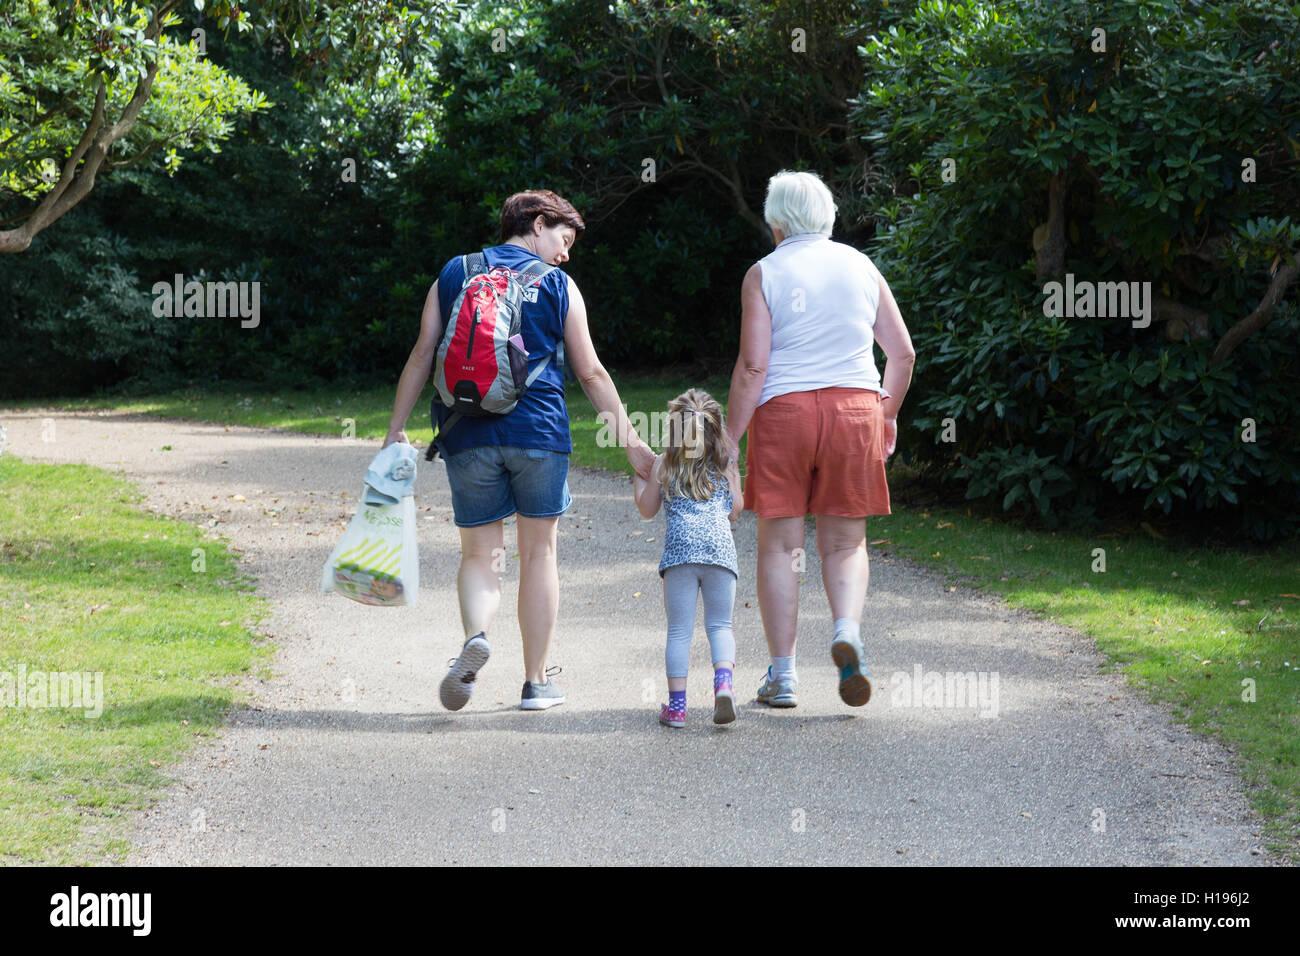 Trois générations de femmes, enfants, mère et grand-mère marche dans un parc, vu de l'arrière, Photo Stock